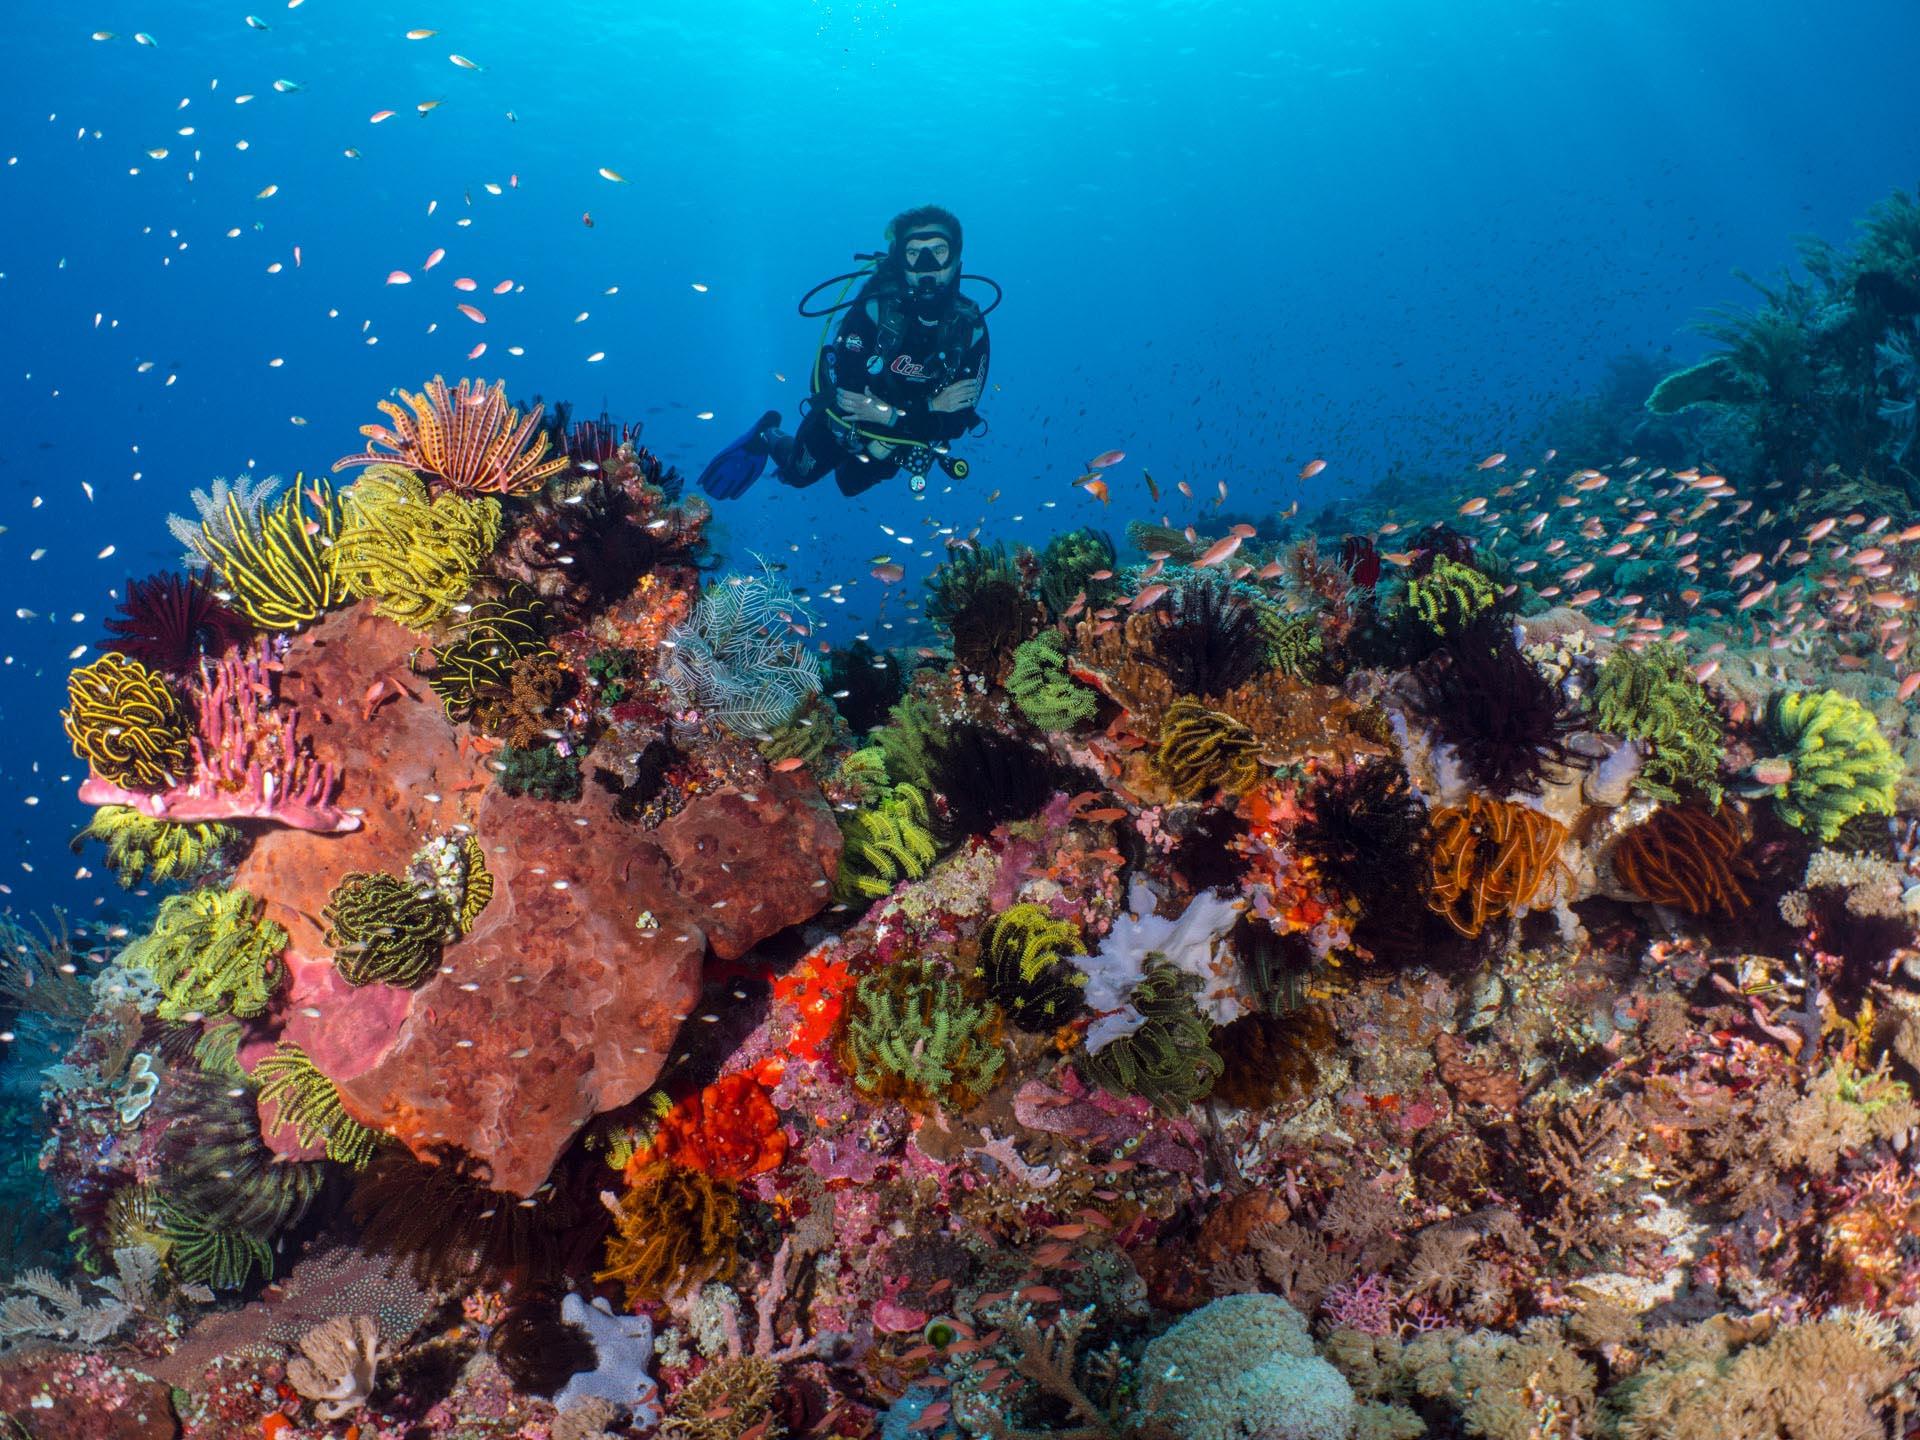 diver behind coral reef